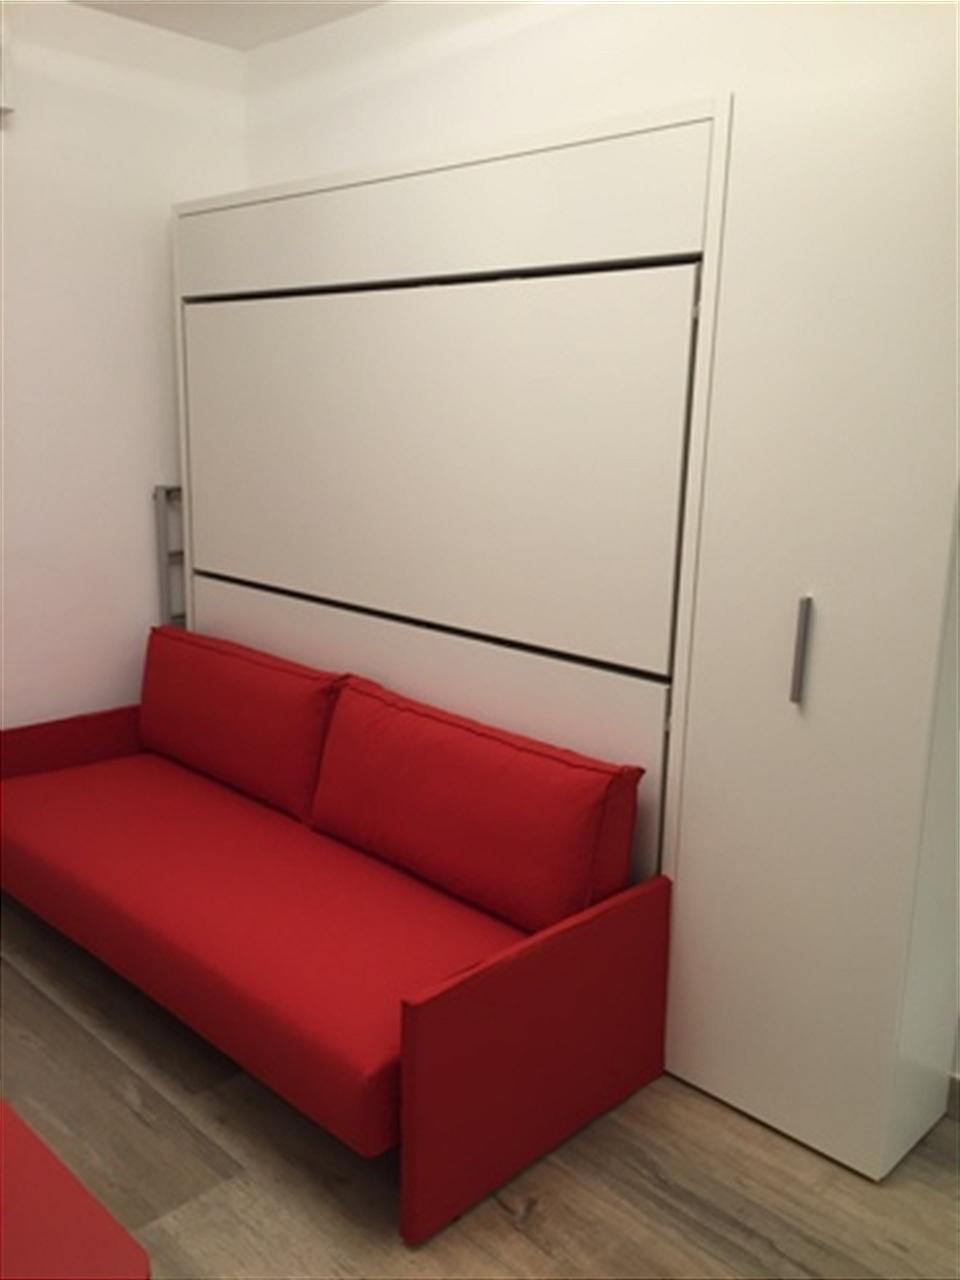 Clei letto kali duo sofa 39 2200 prezzo scontato outlet - Clei divano letto ...